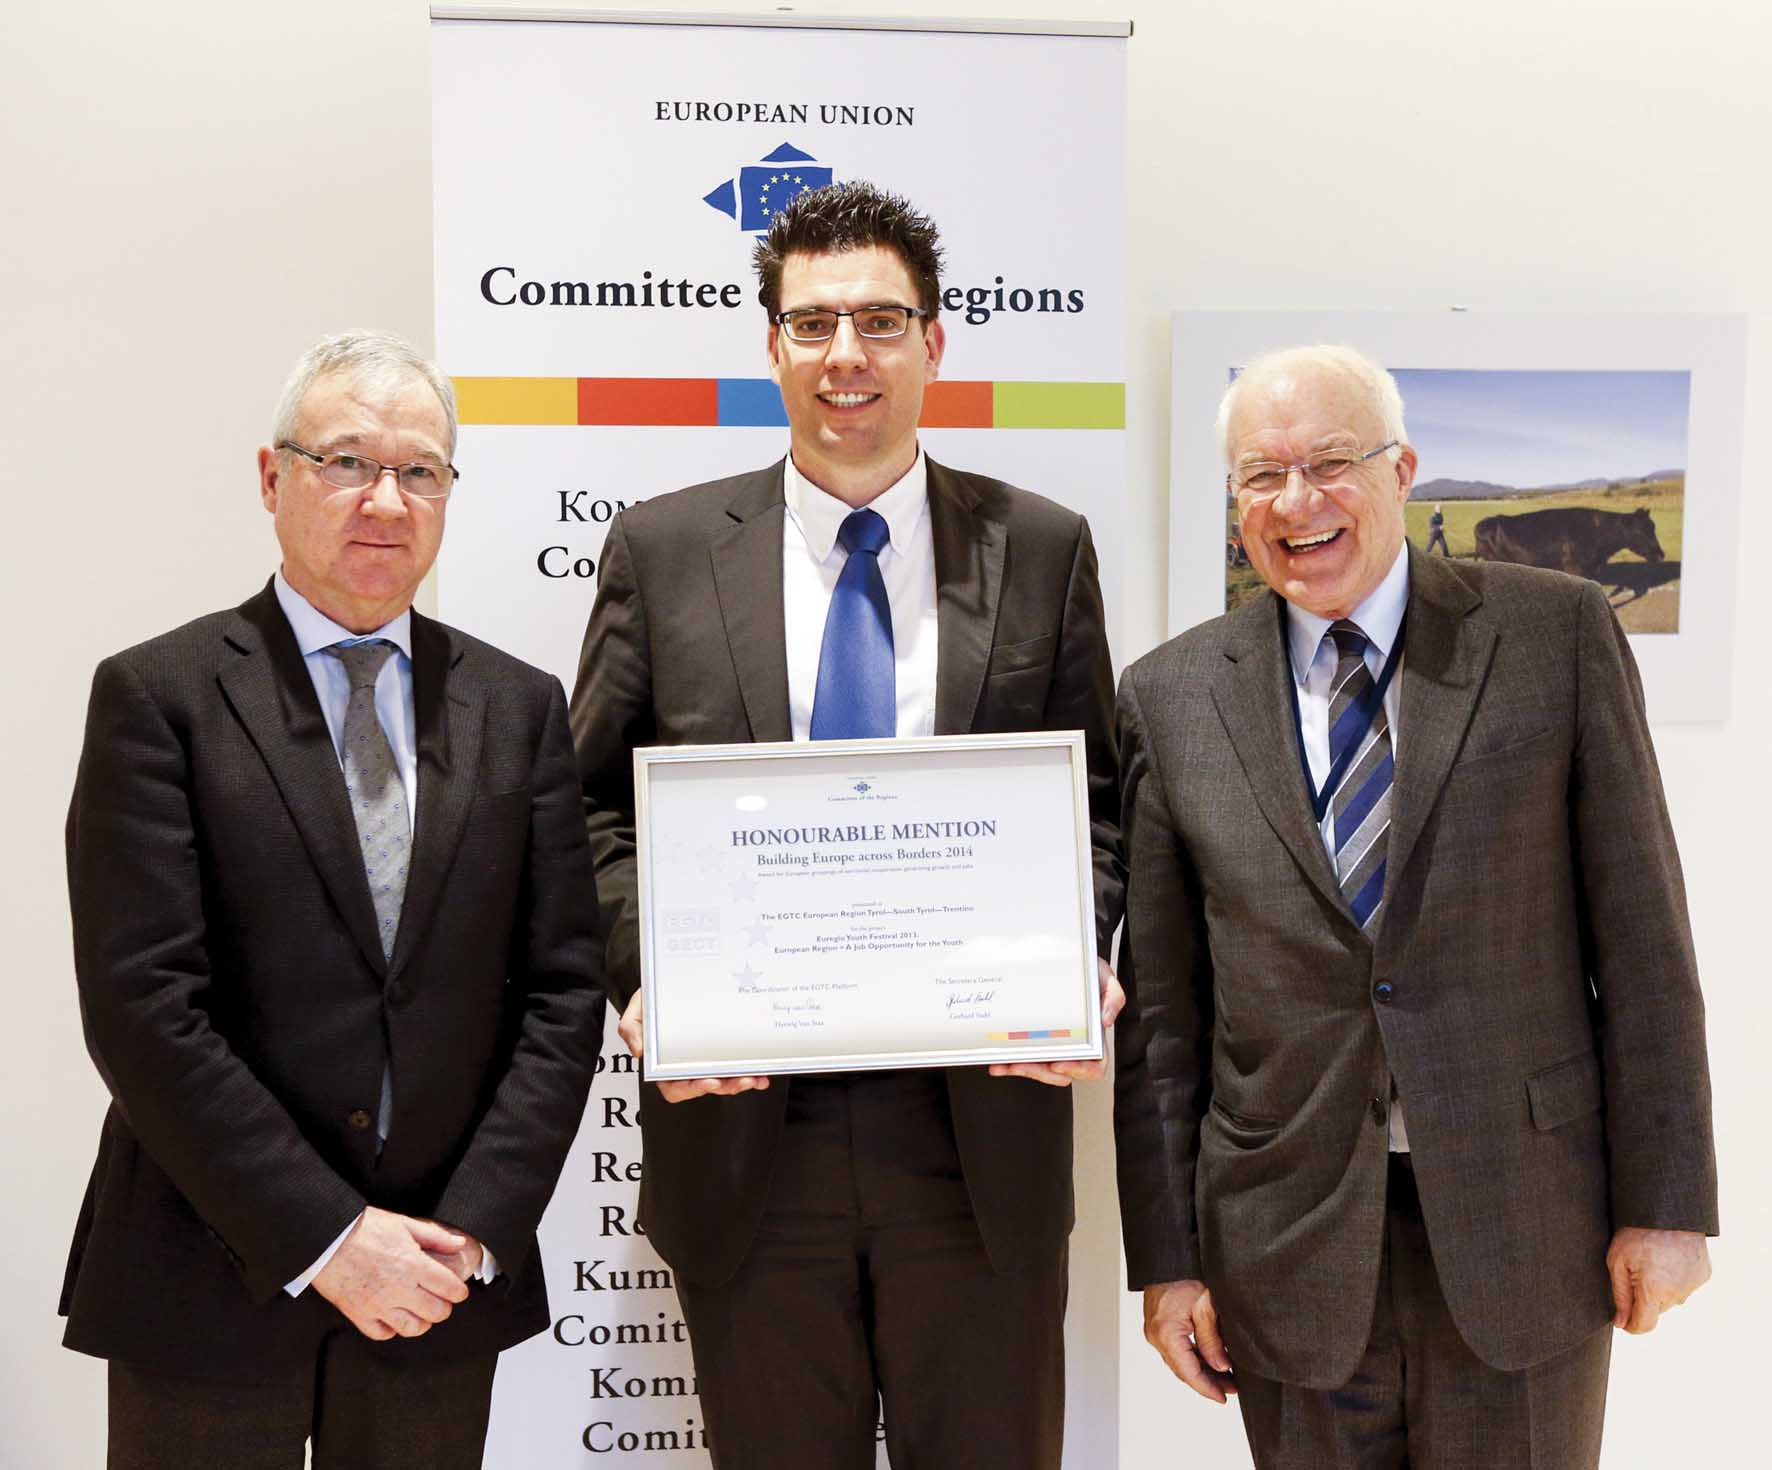 Premio giovani Euregio Van Staa a dx consegna il premio al segretario generale del GECT  Matthias Fink Ramón Luis  Valcárcel Siso a sx presidente Comitato Regioni UE